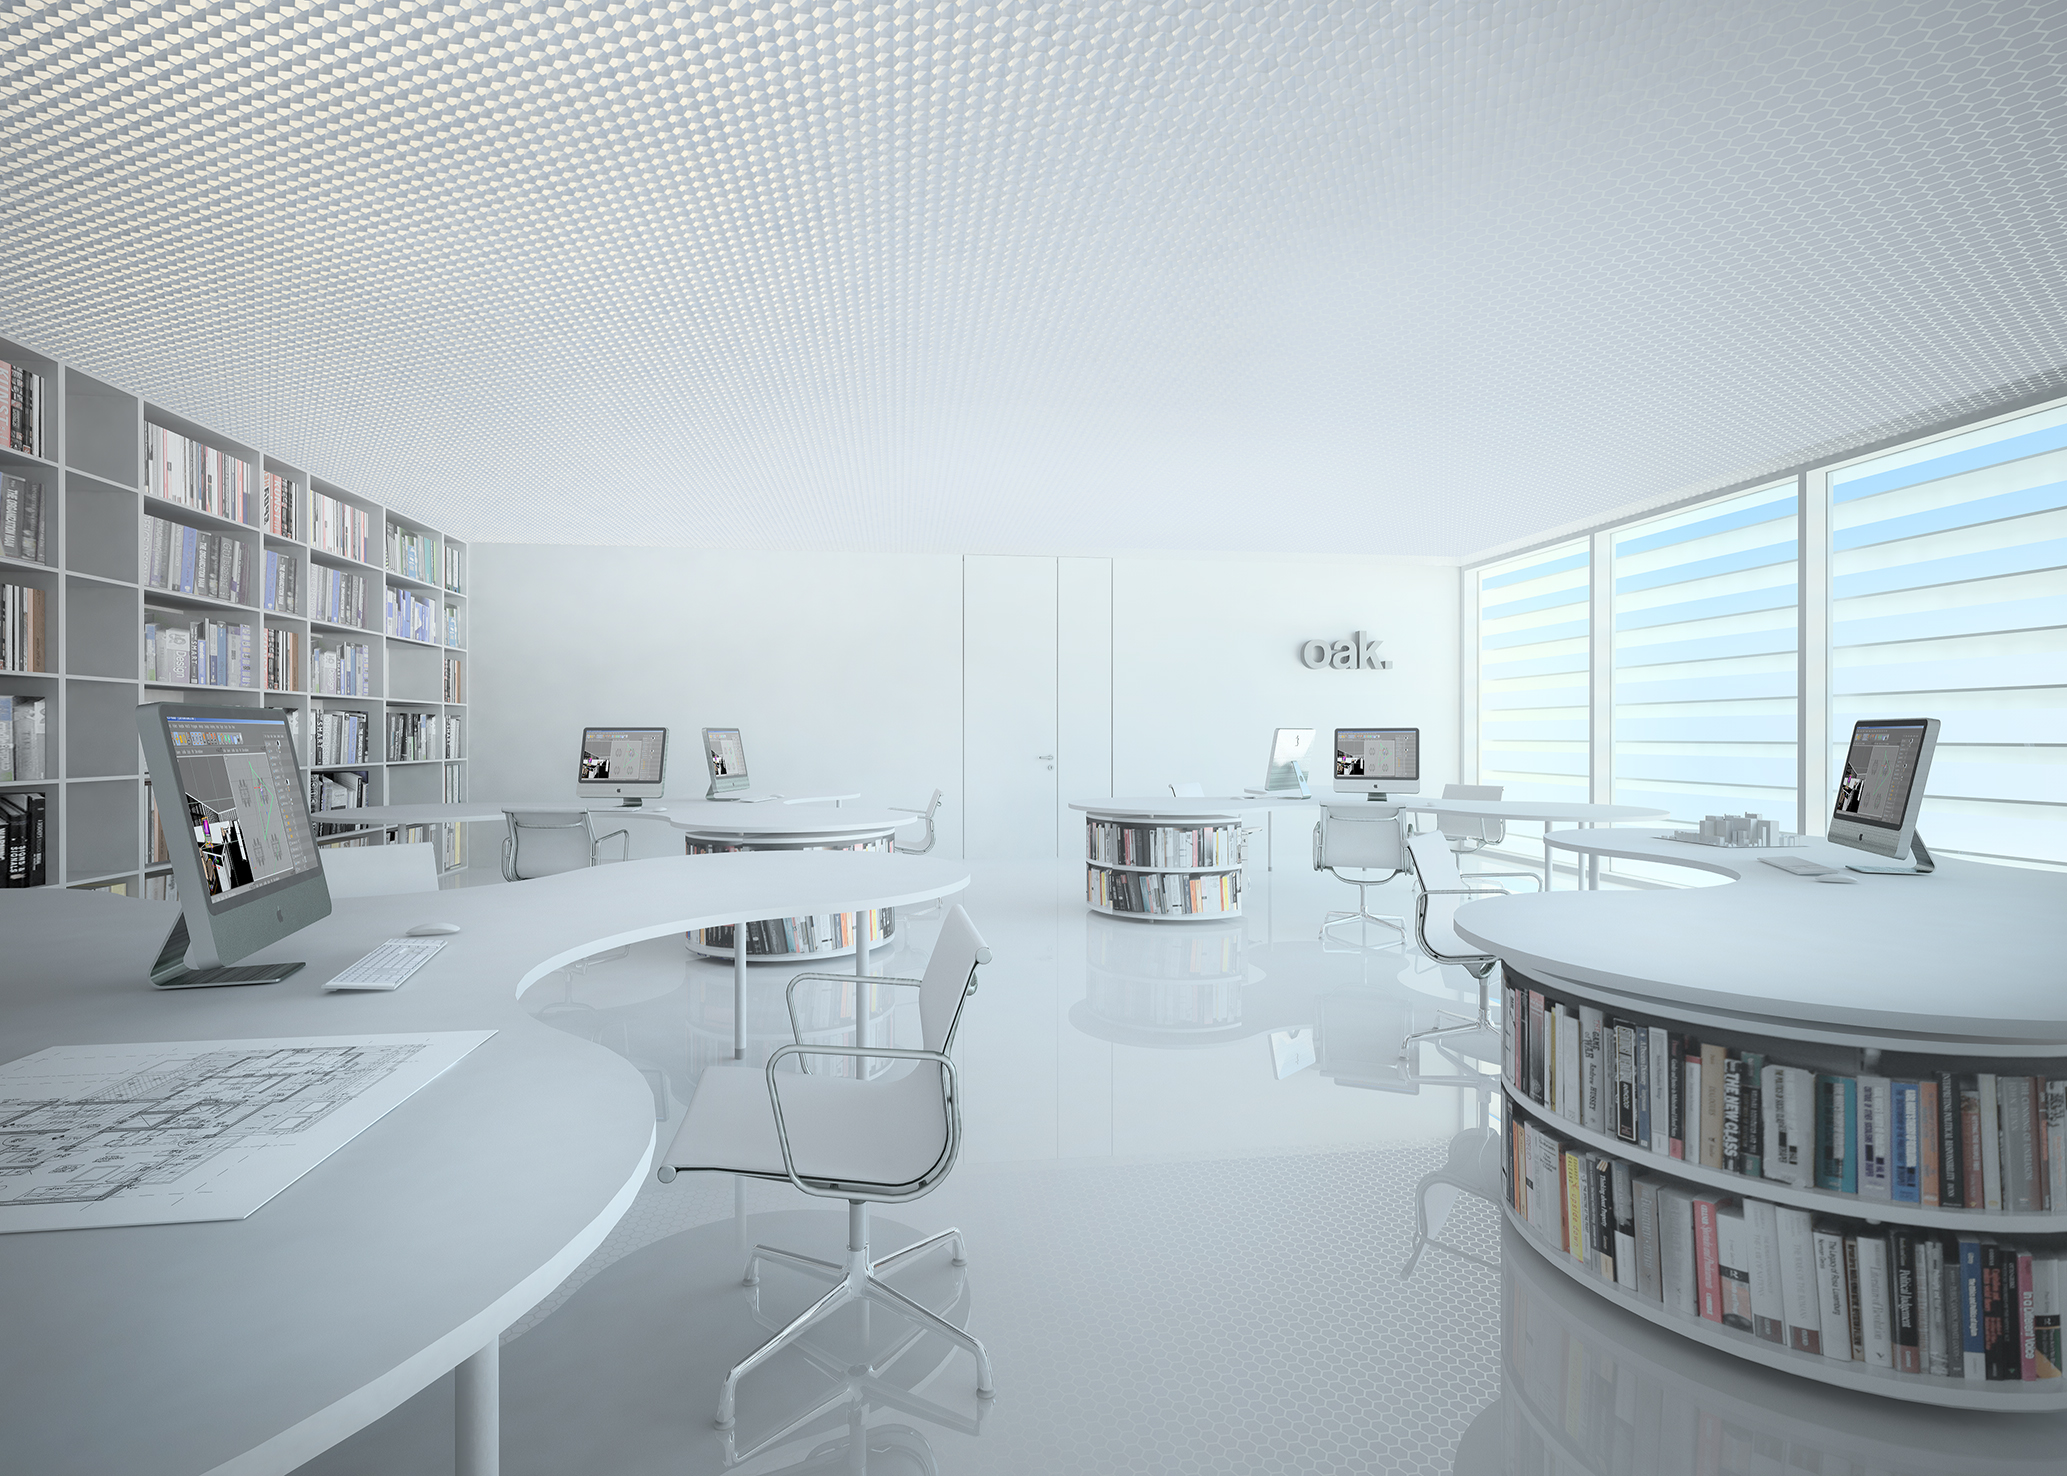 projekt wnętrza biurowego_nowe ośwetlenie.jpg